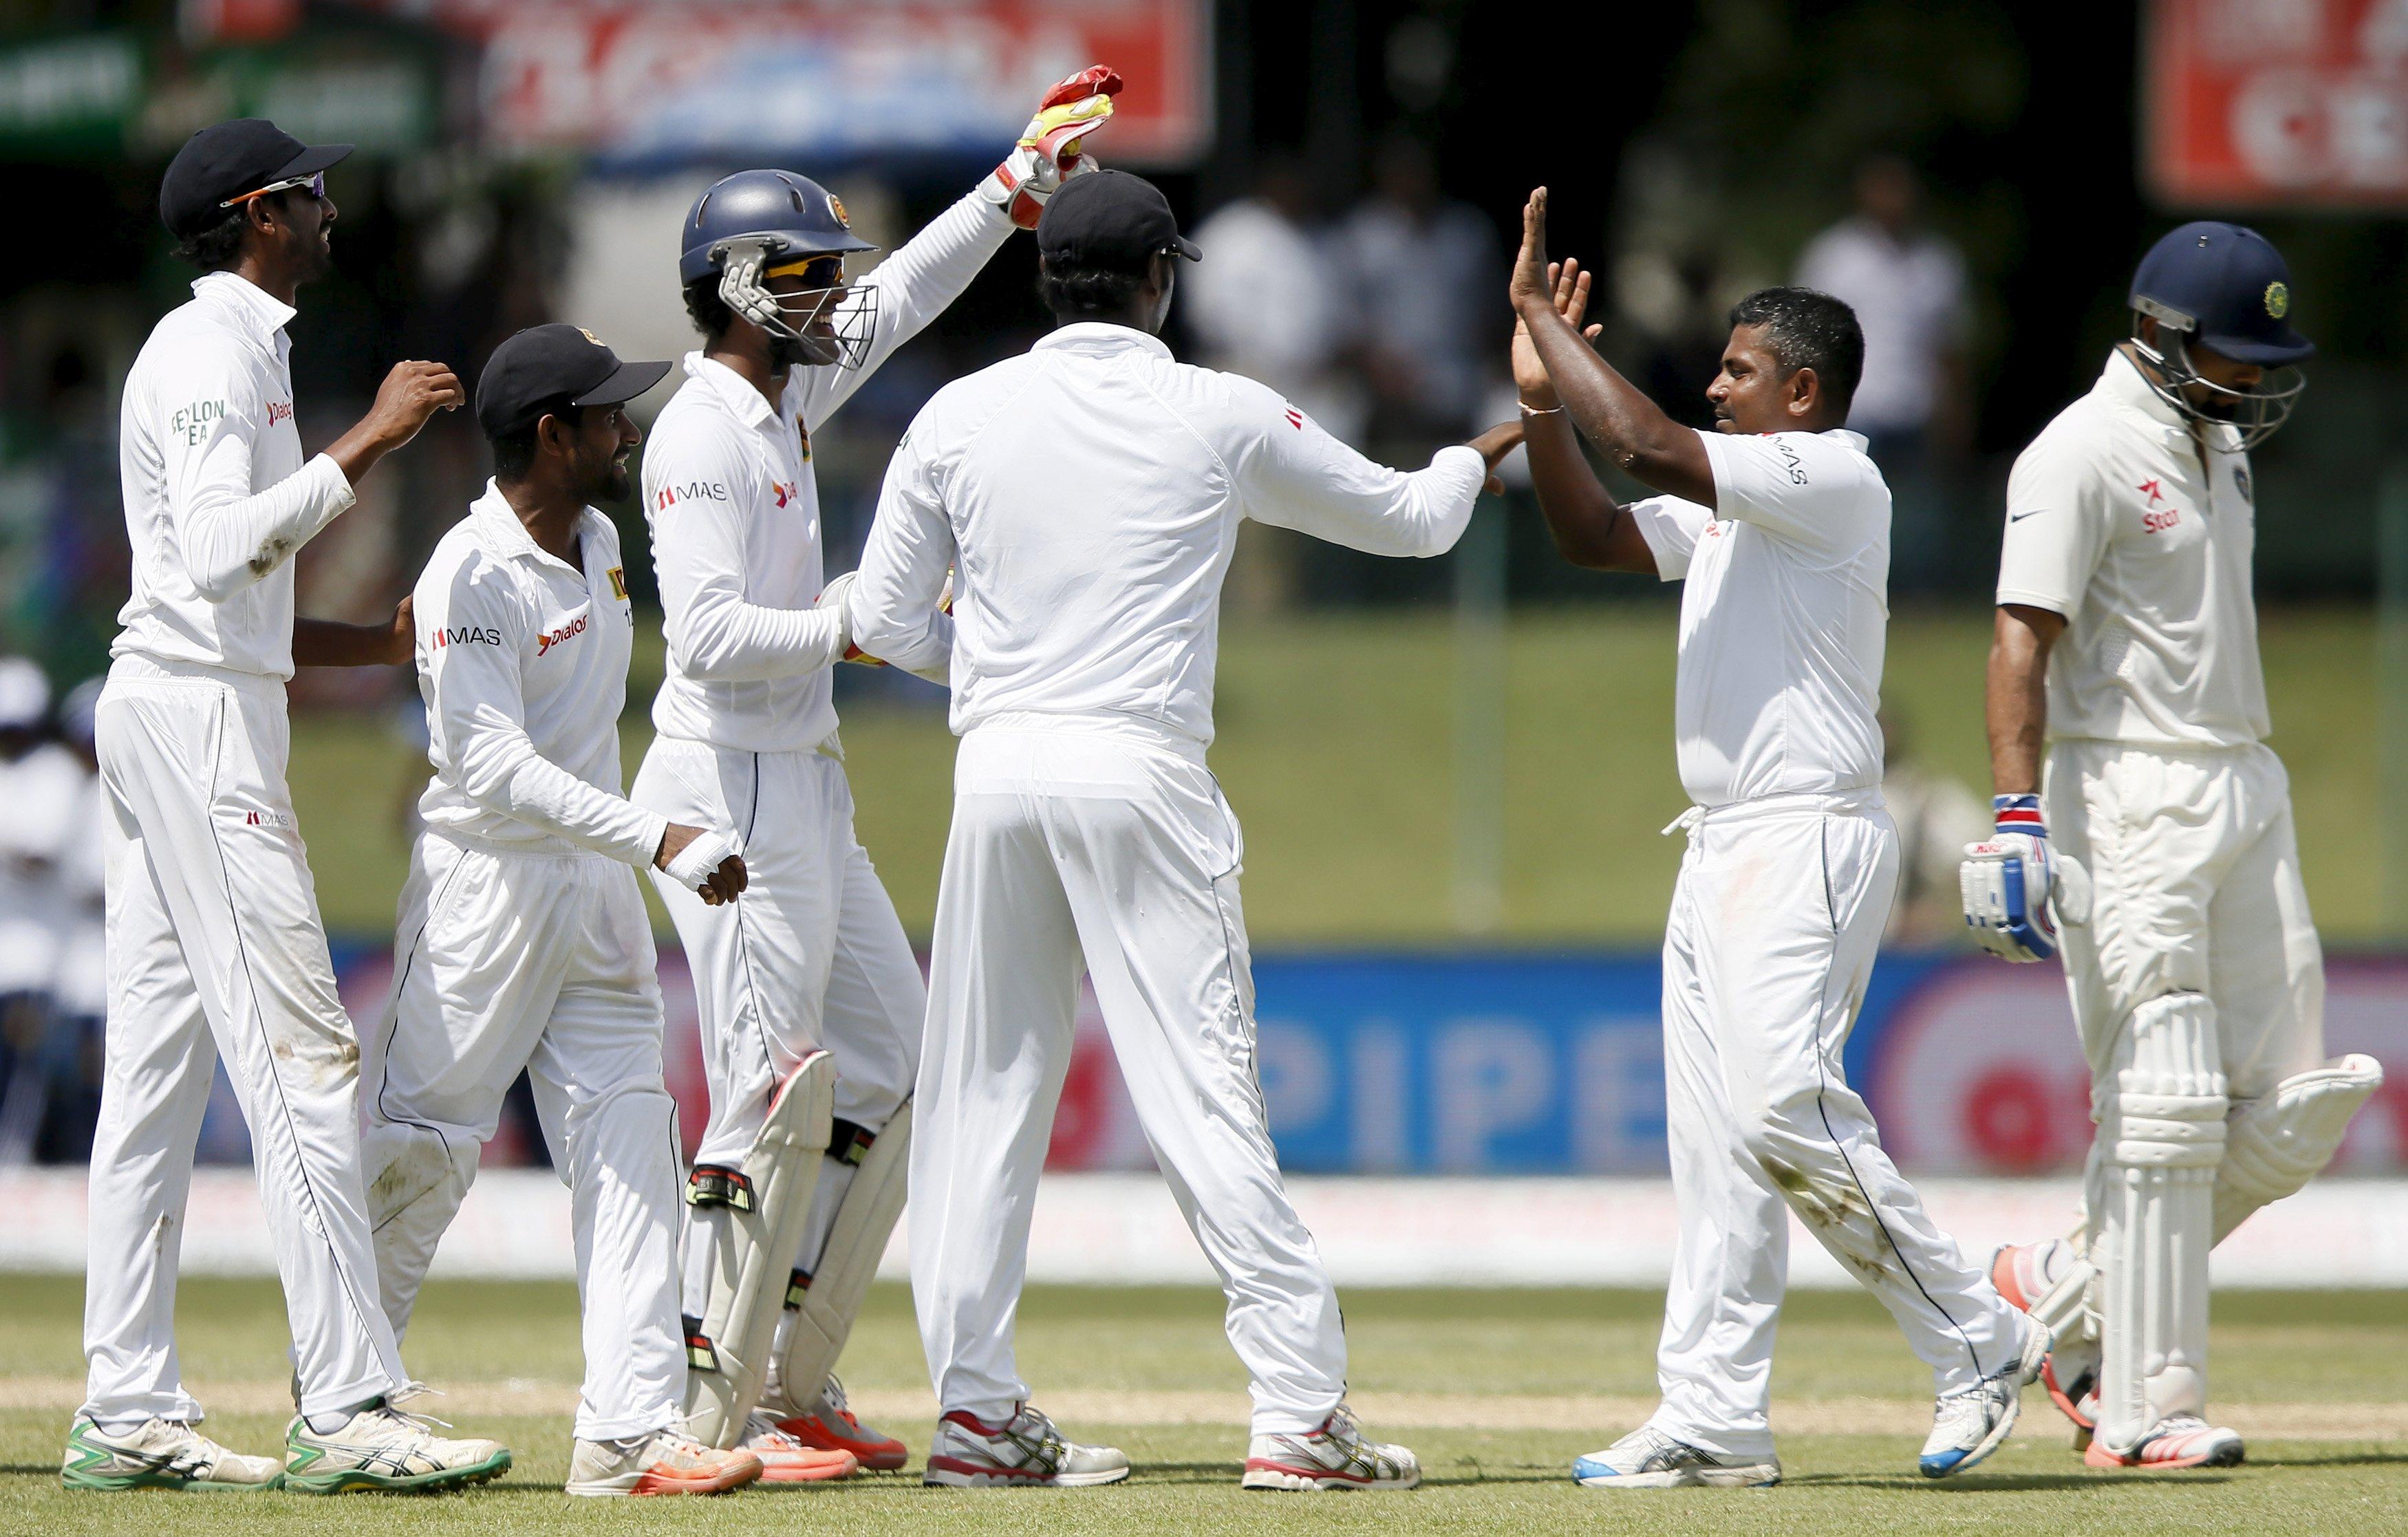 Sri Lanka's captain Angelo Mathews and Rangana Herath